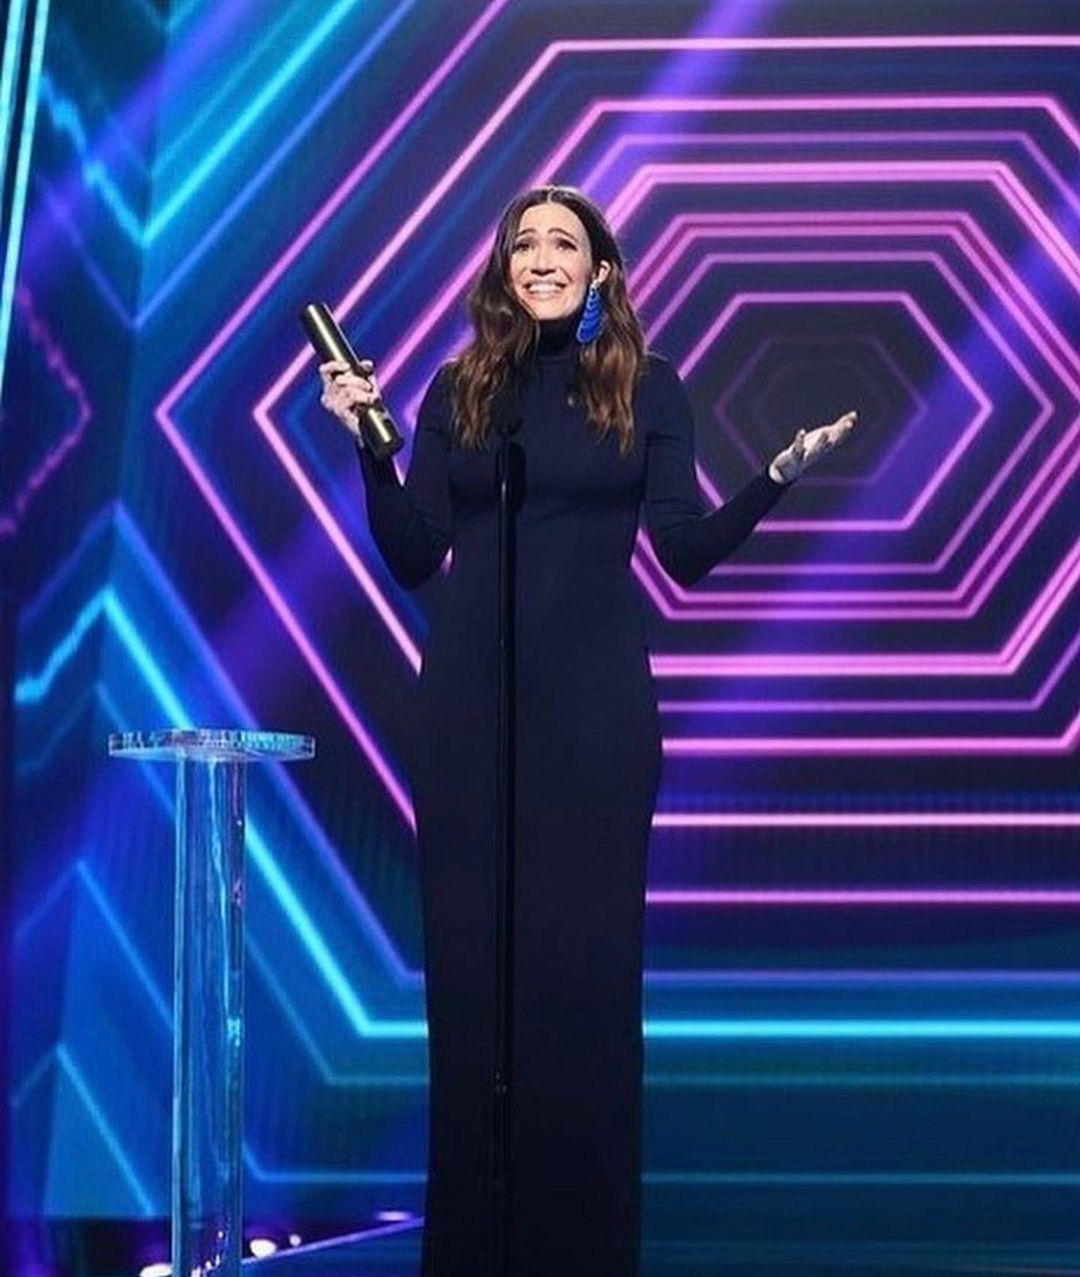 Дженніфер Лопес, Демі Ловато і Софія Вергара на церемонії People's Choice Awards 2020